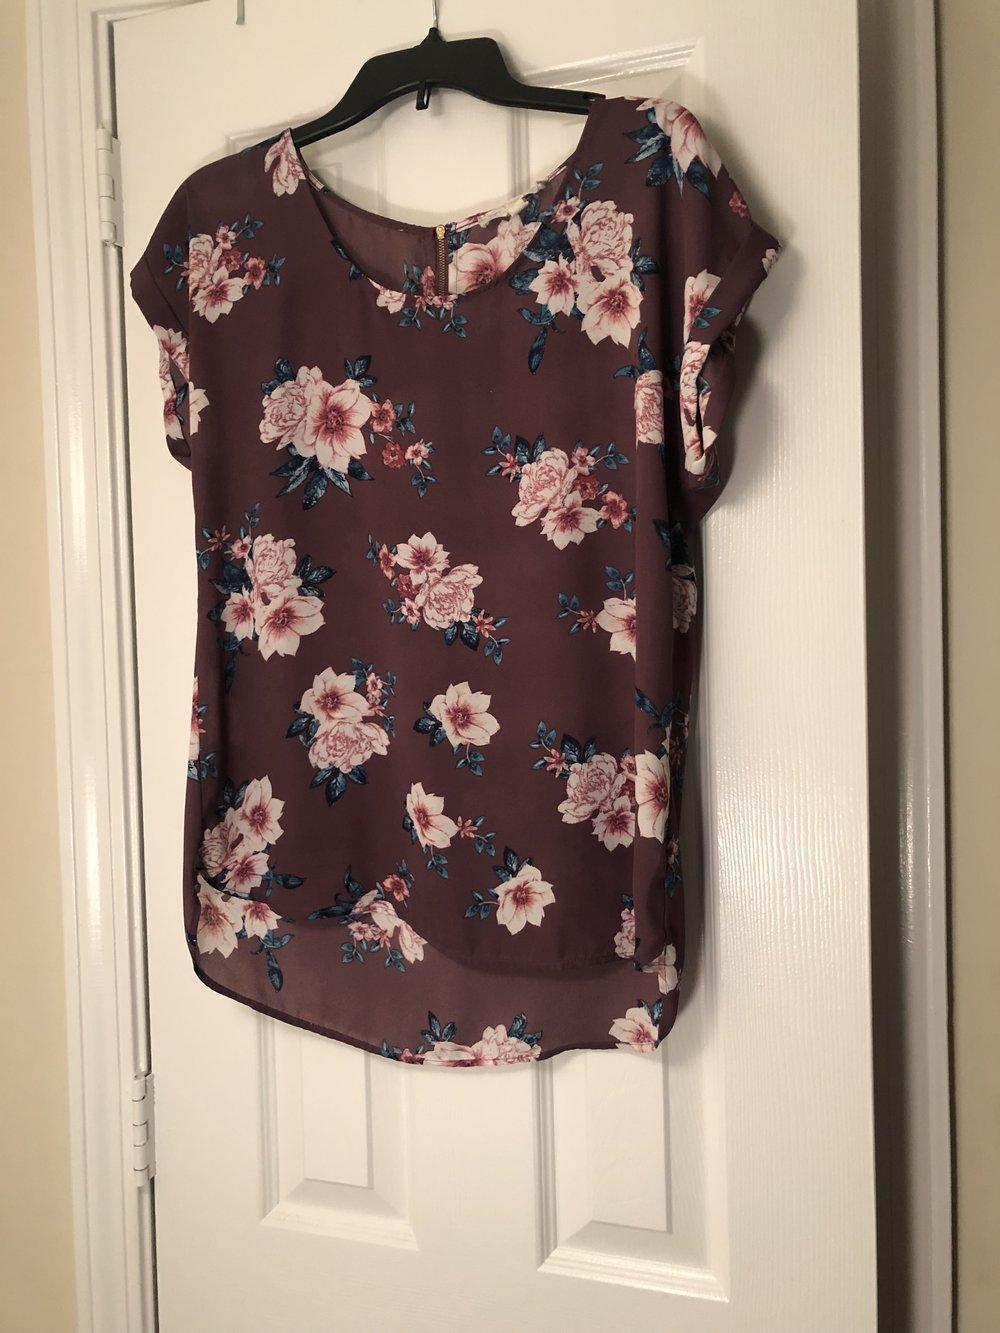 Mauve Floral Top